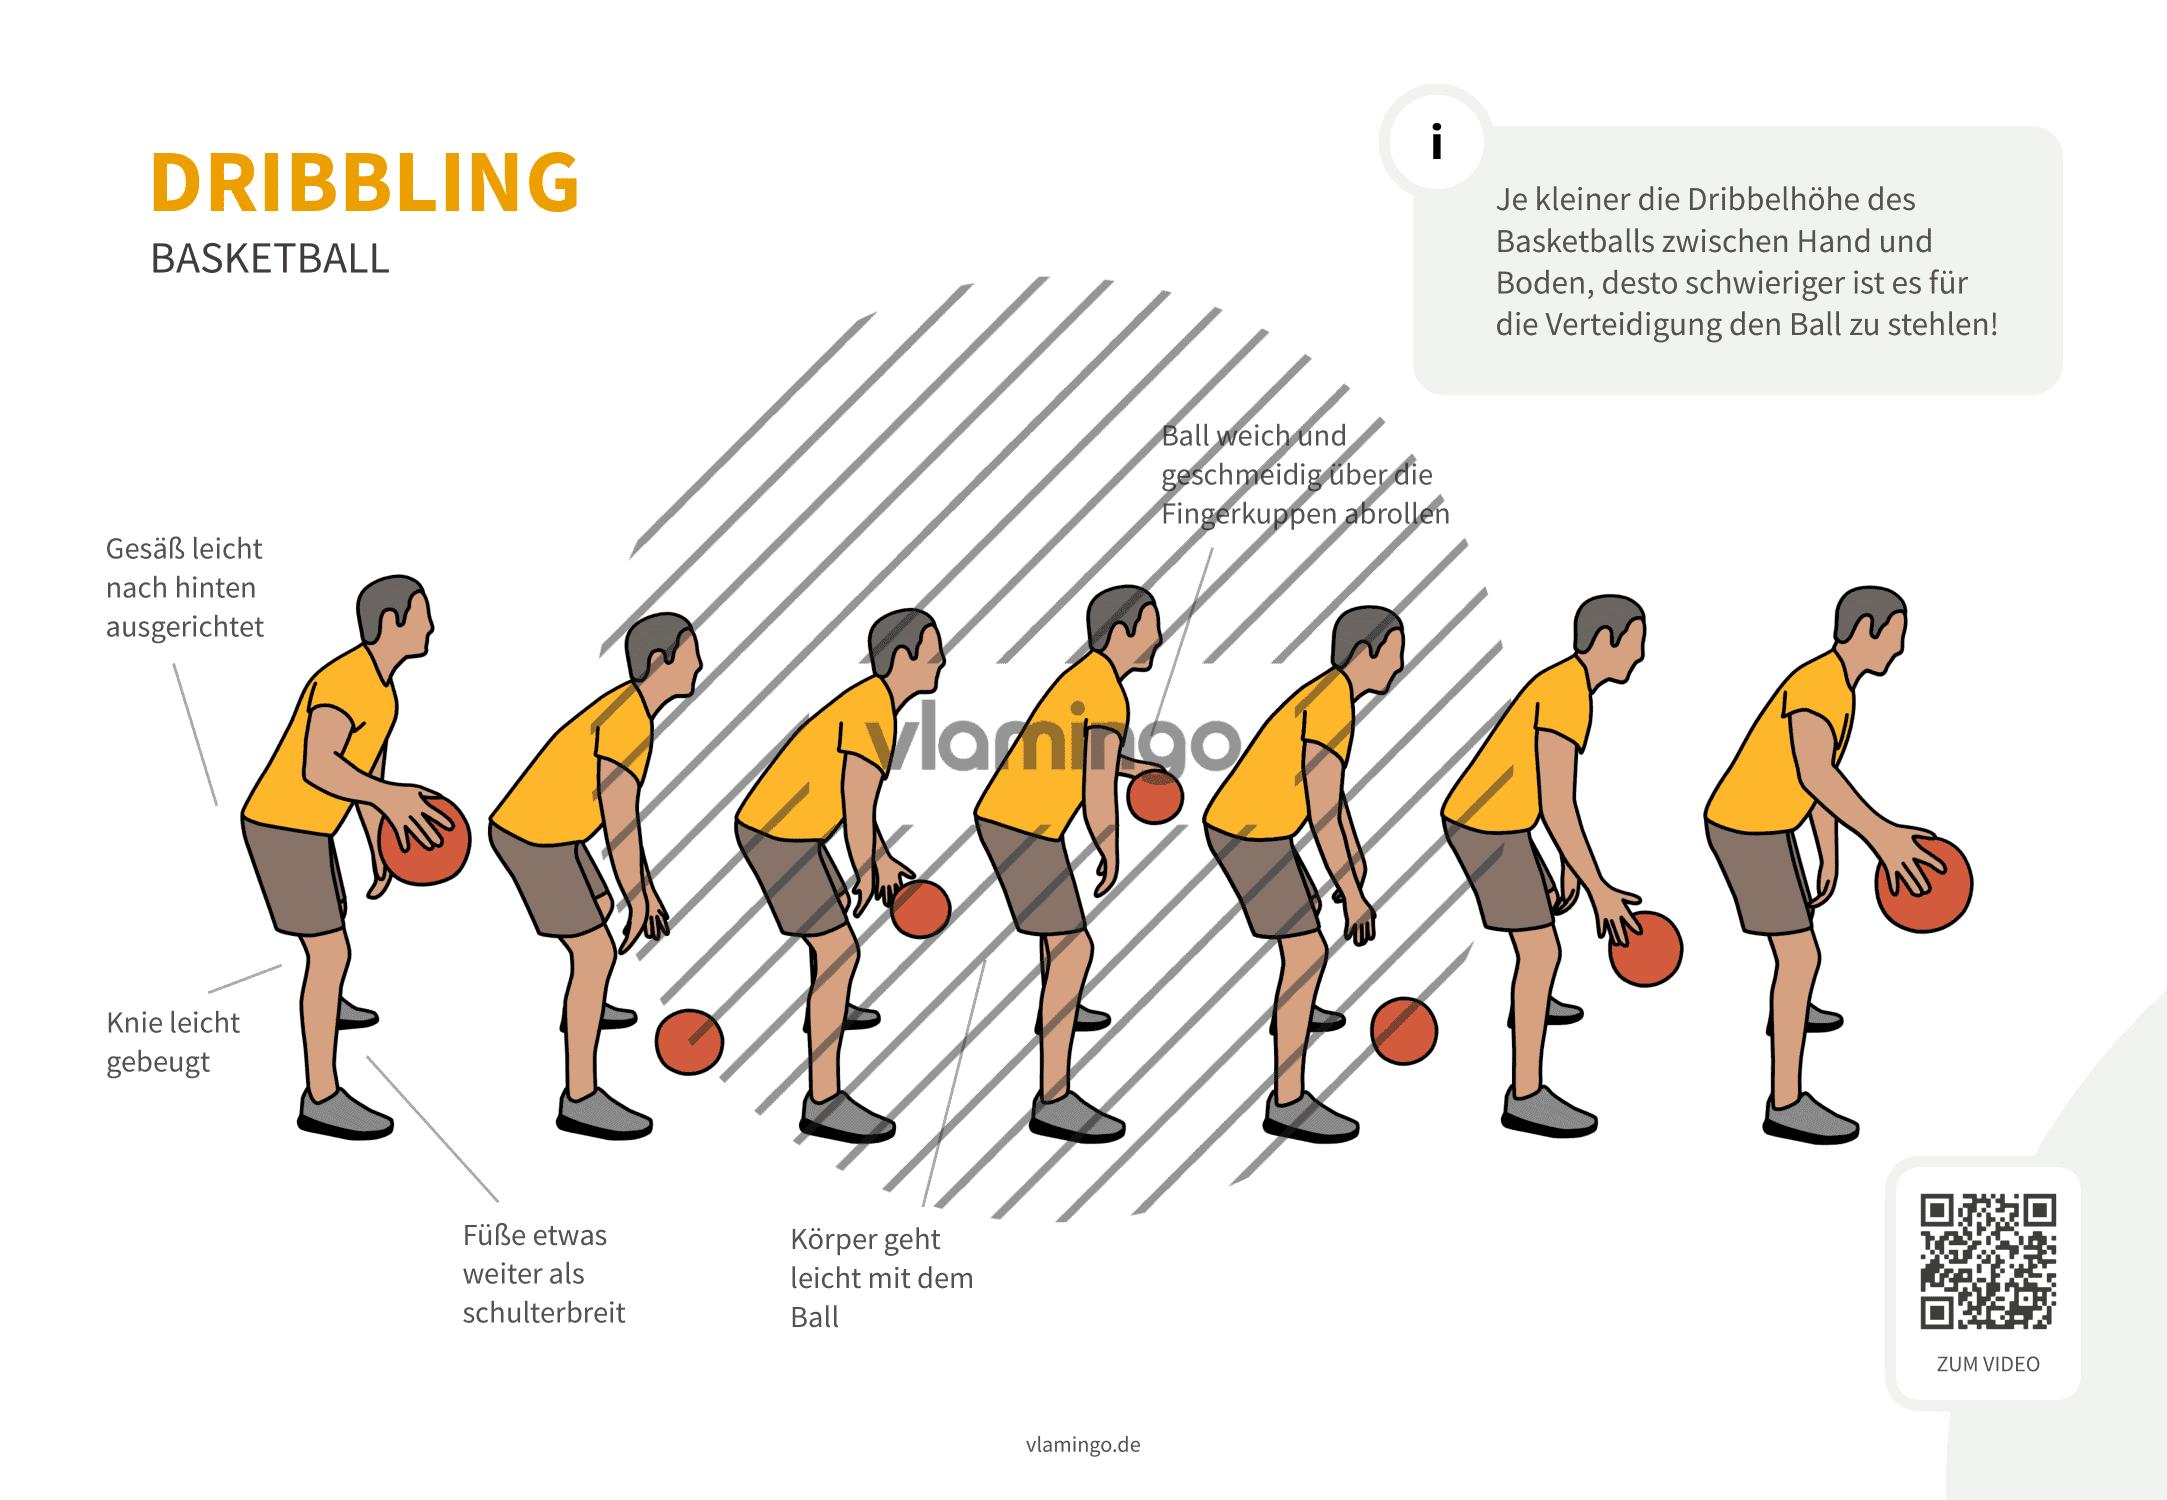 Basketball - Dribbling (von der Seite)